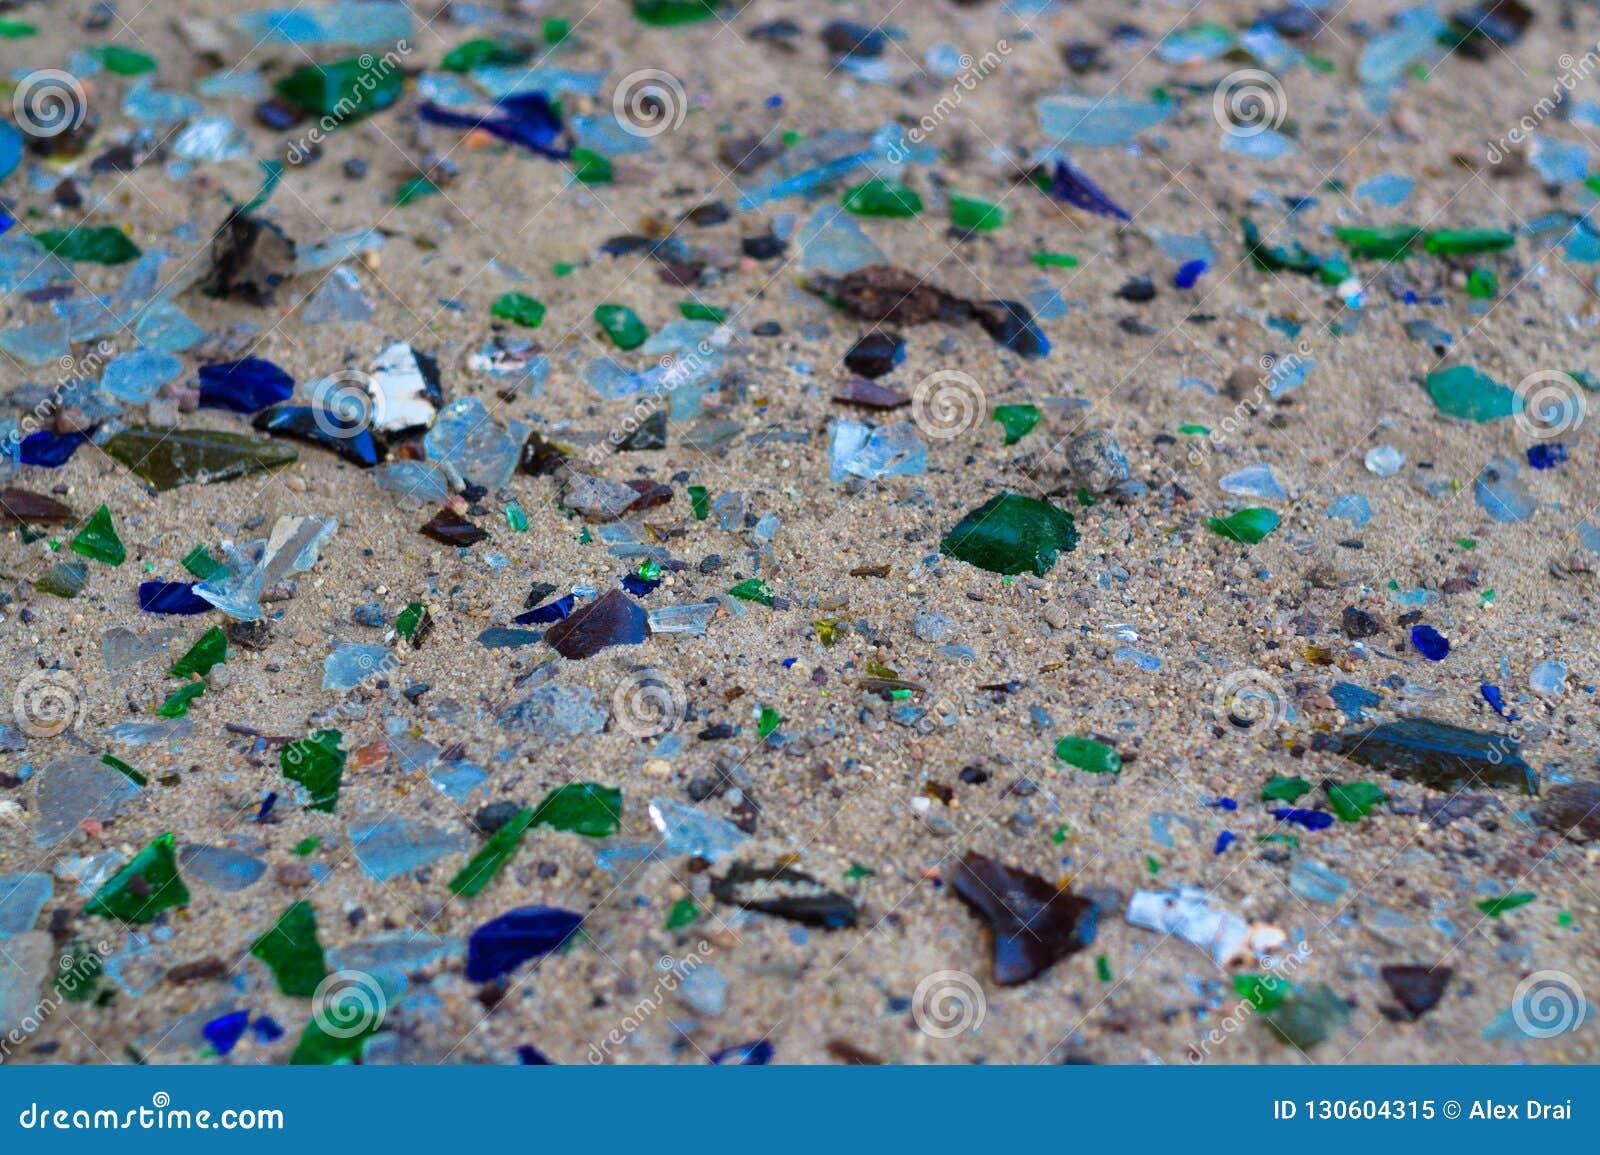 Σπασμένα μπουκάλια γυαλιού στην άσπρη άμμο Τα μπουκάλια είναι πράσινο και μπλε χρώμα Απορρίμματα στην άμμο οικολογικό πρόβλημα